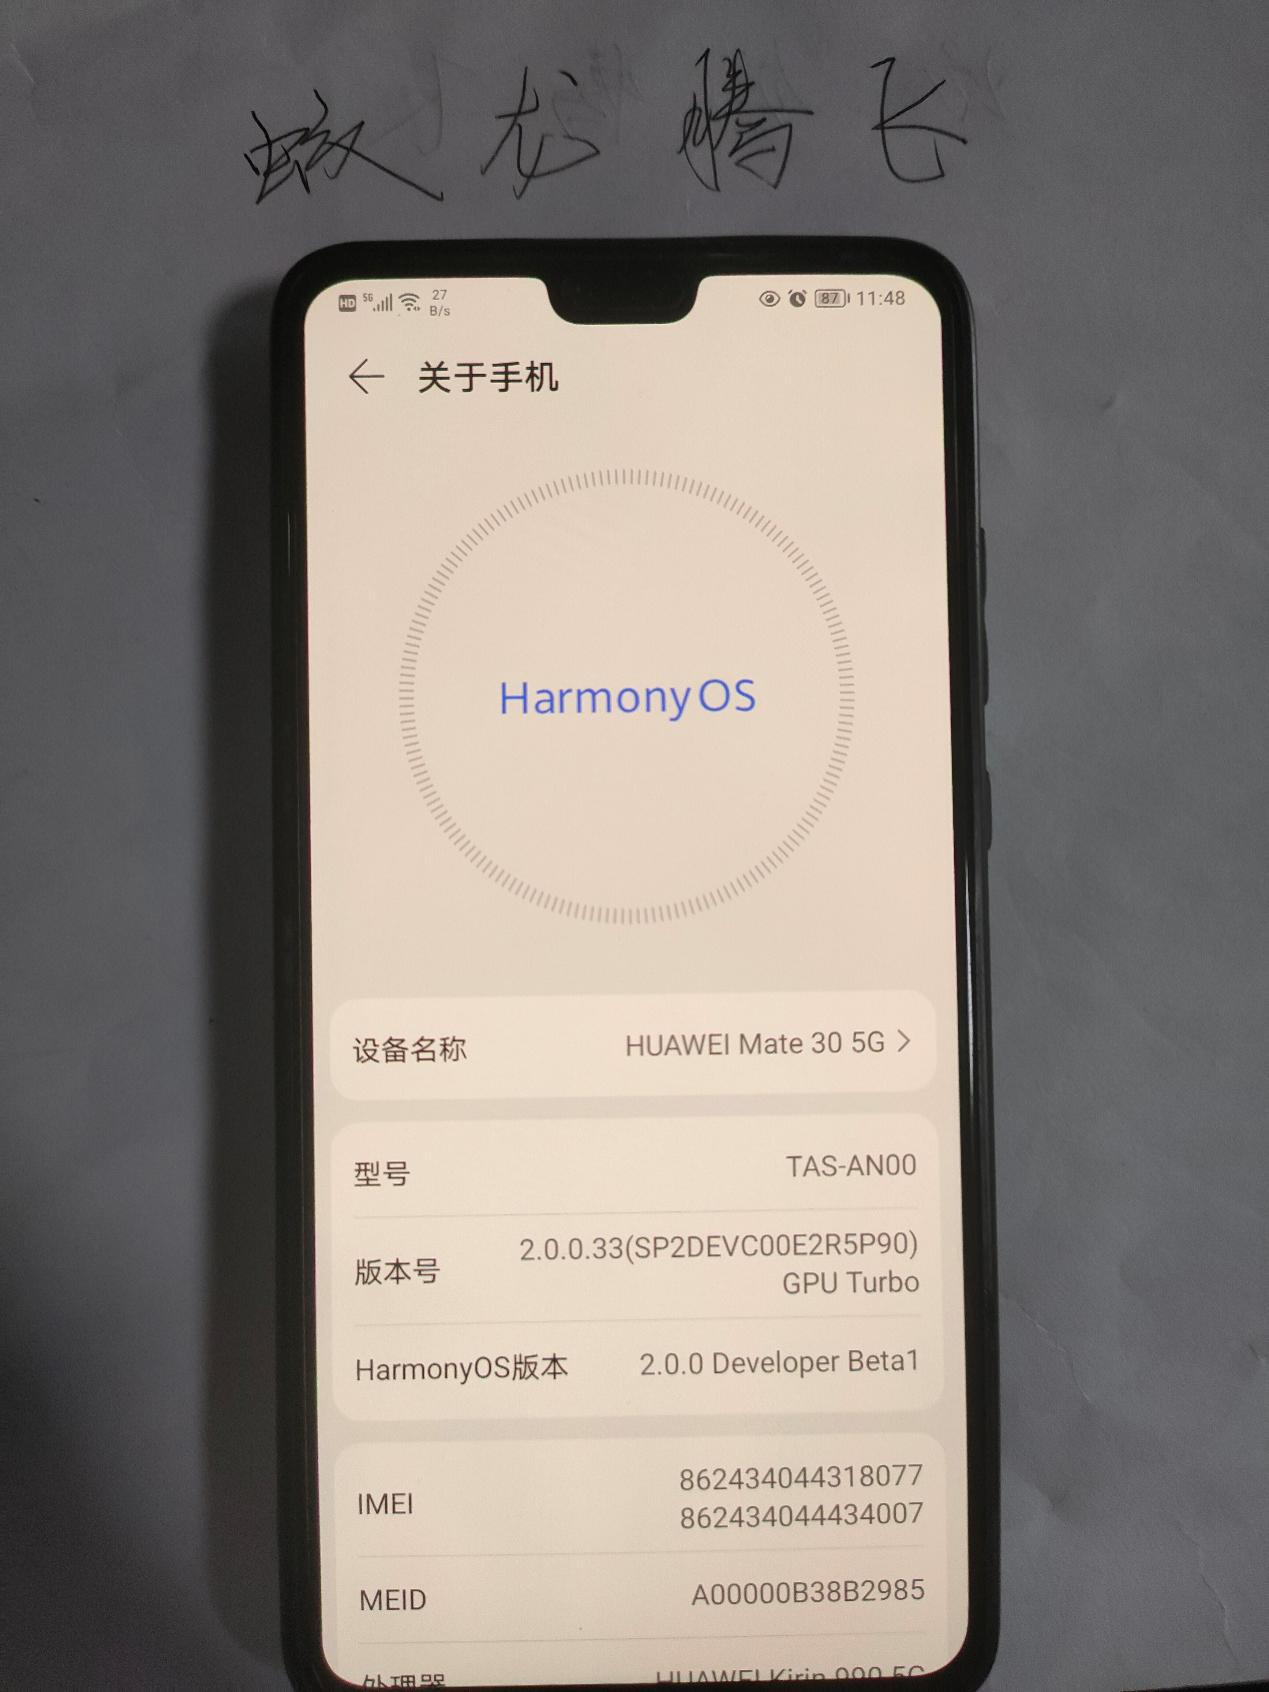 HarmonyOS-Mate30真机的体验报告